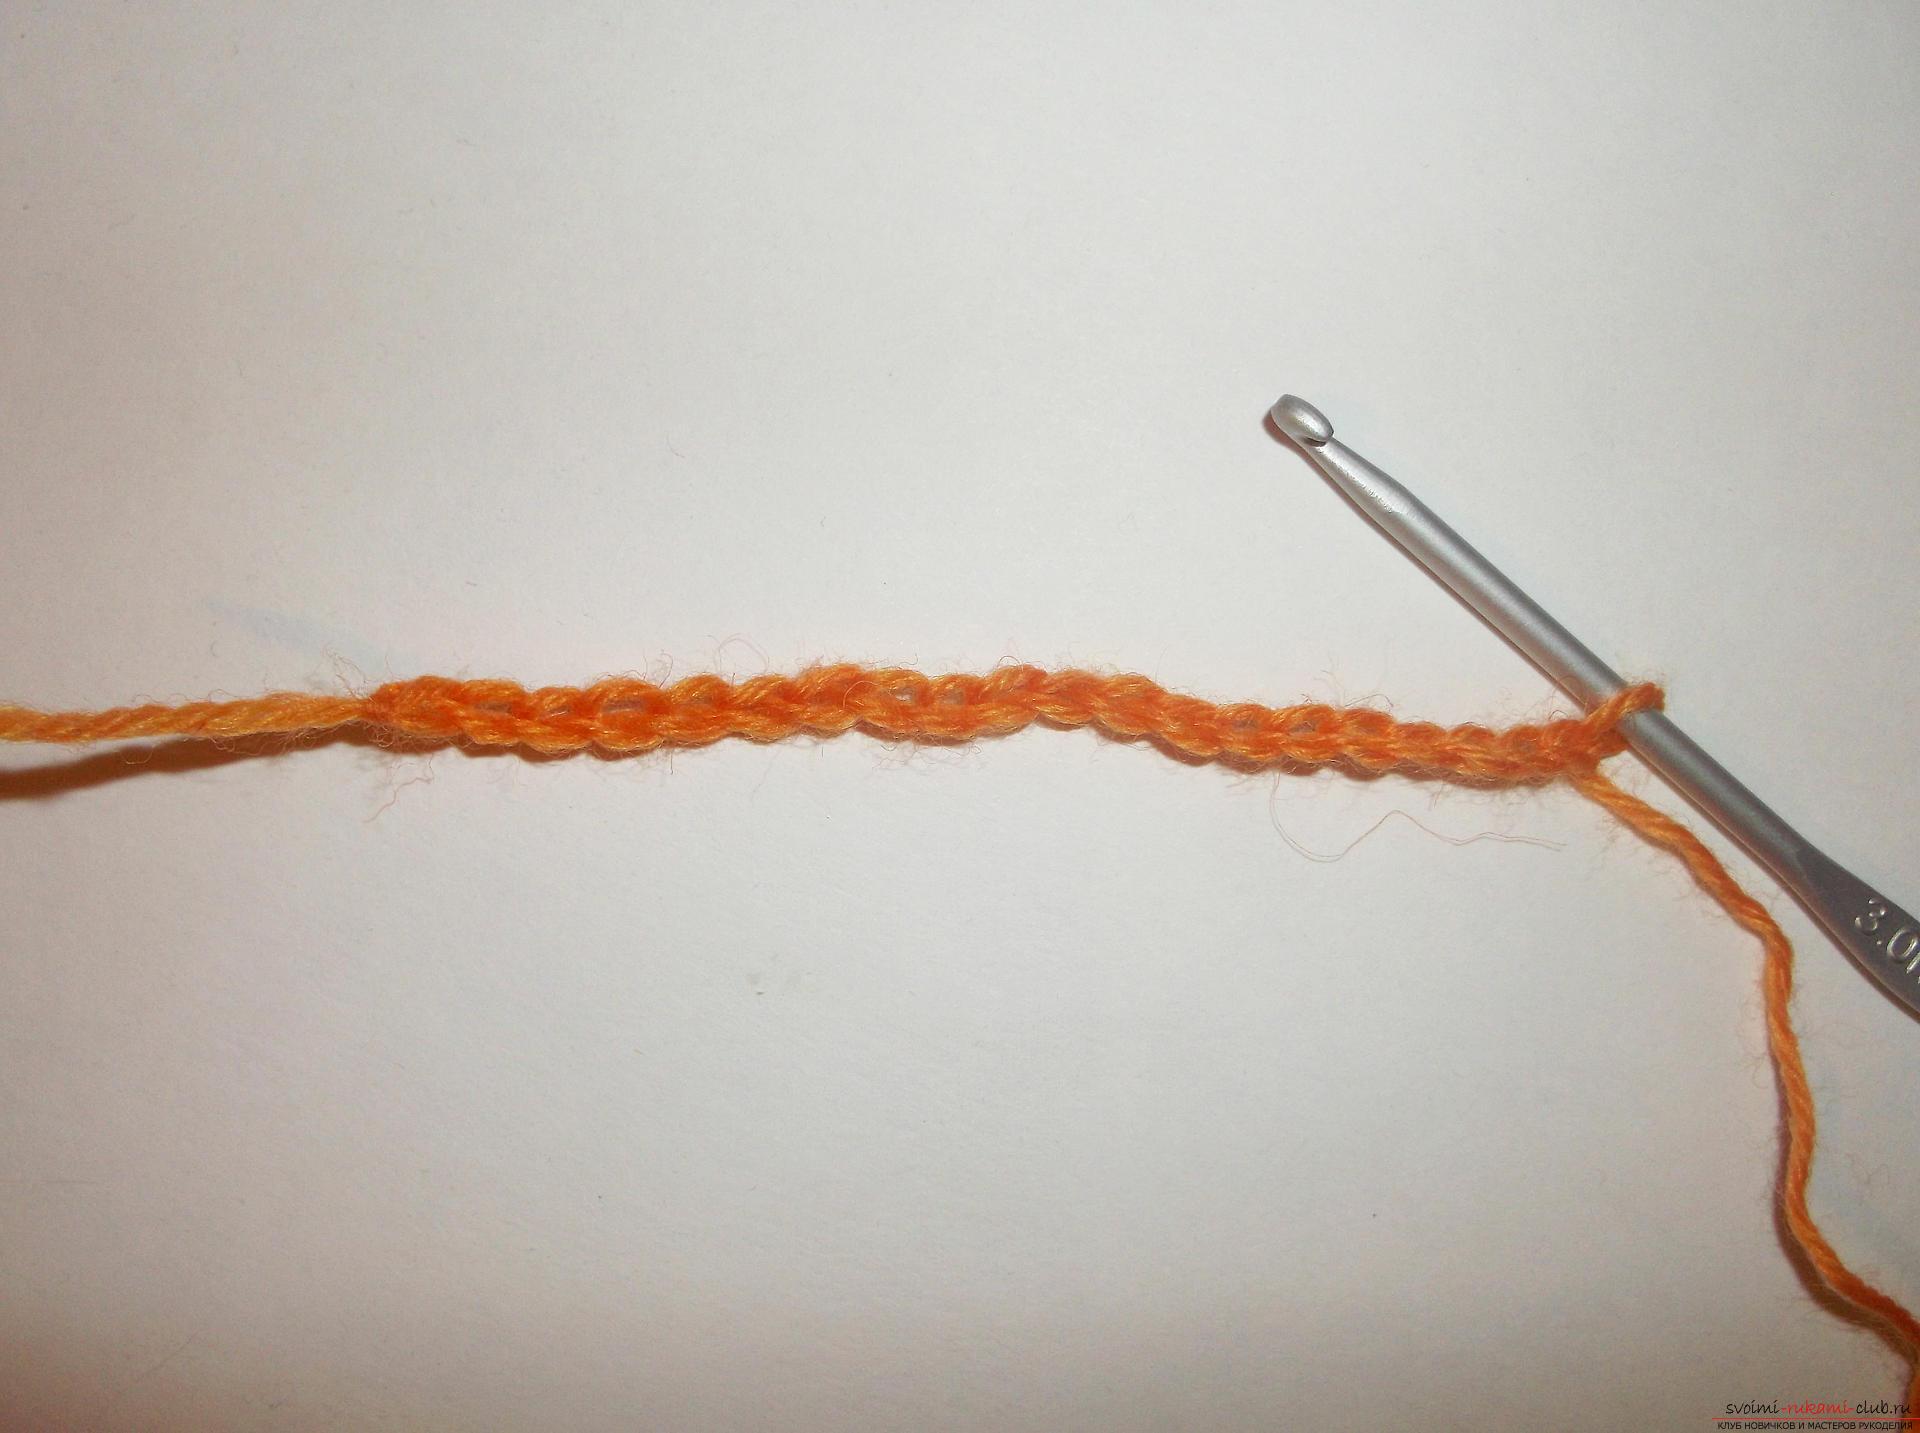 Фото к уроку по вязанию крючком <u>вязание цветка лилиями</u> лилии. Фото №1